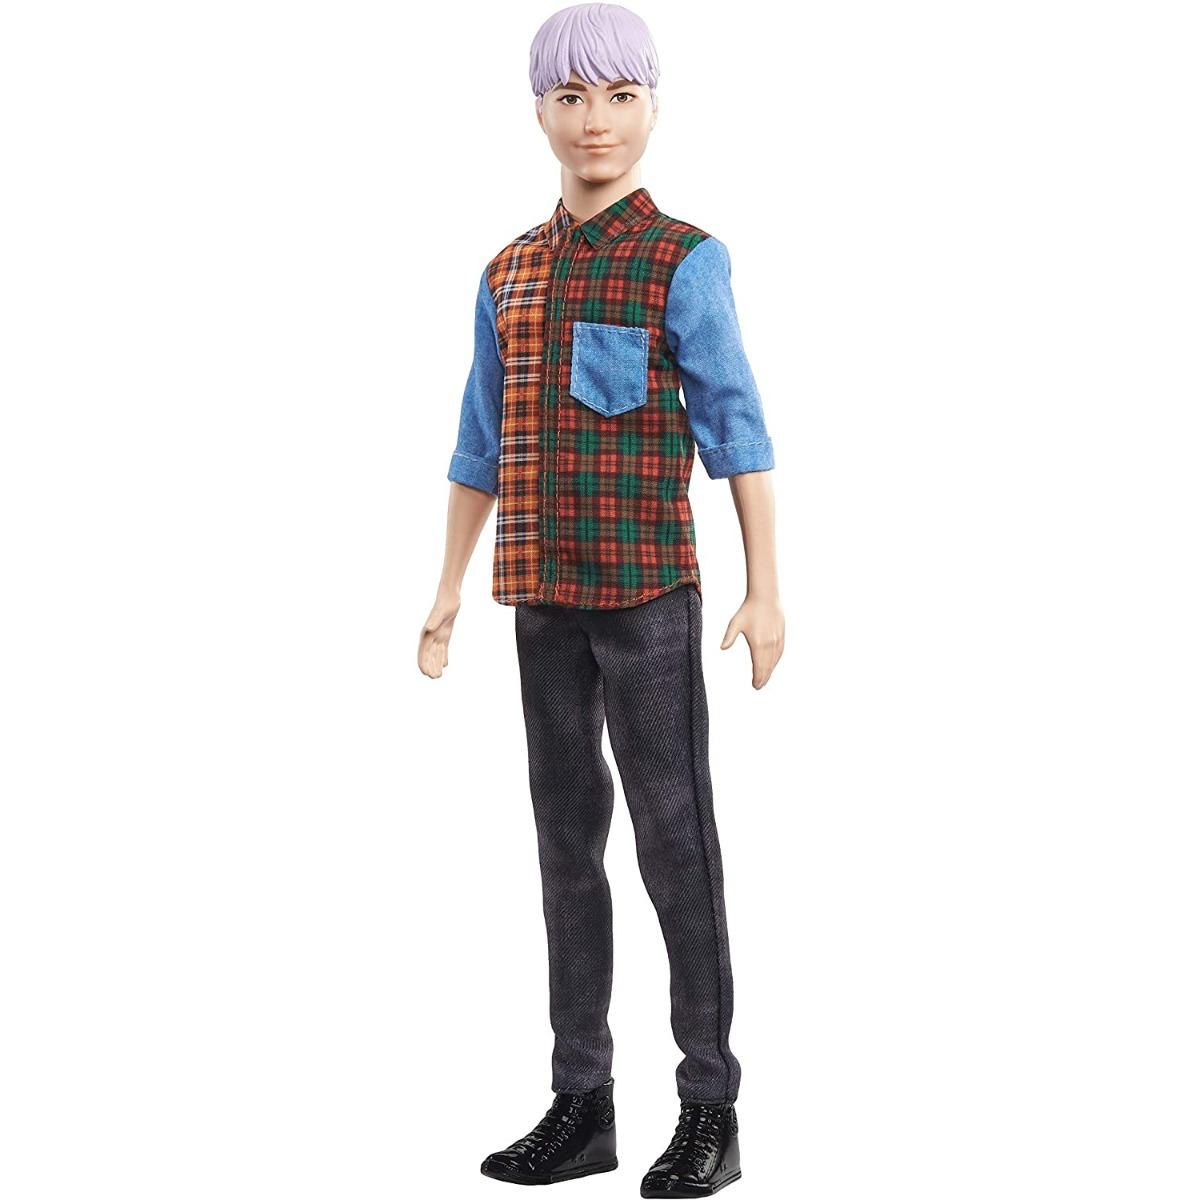 Papusa Barbie Fashionistas. Ken GHW70